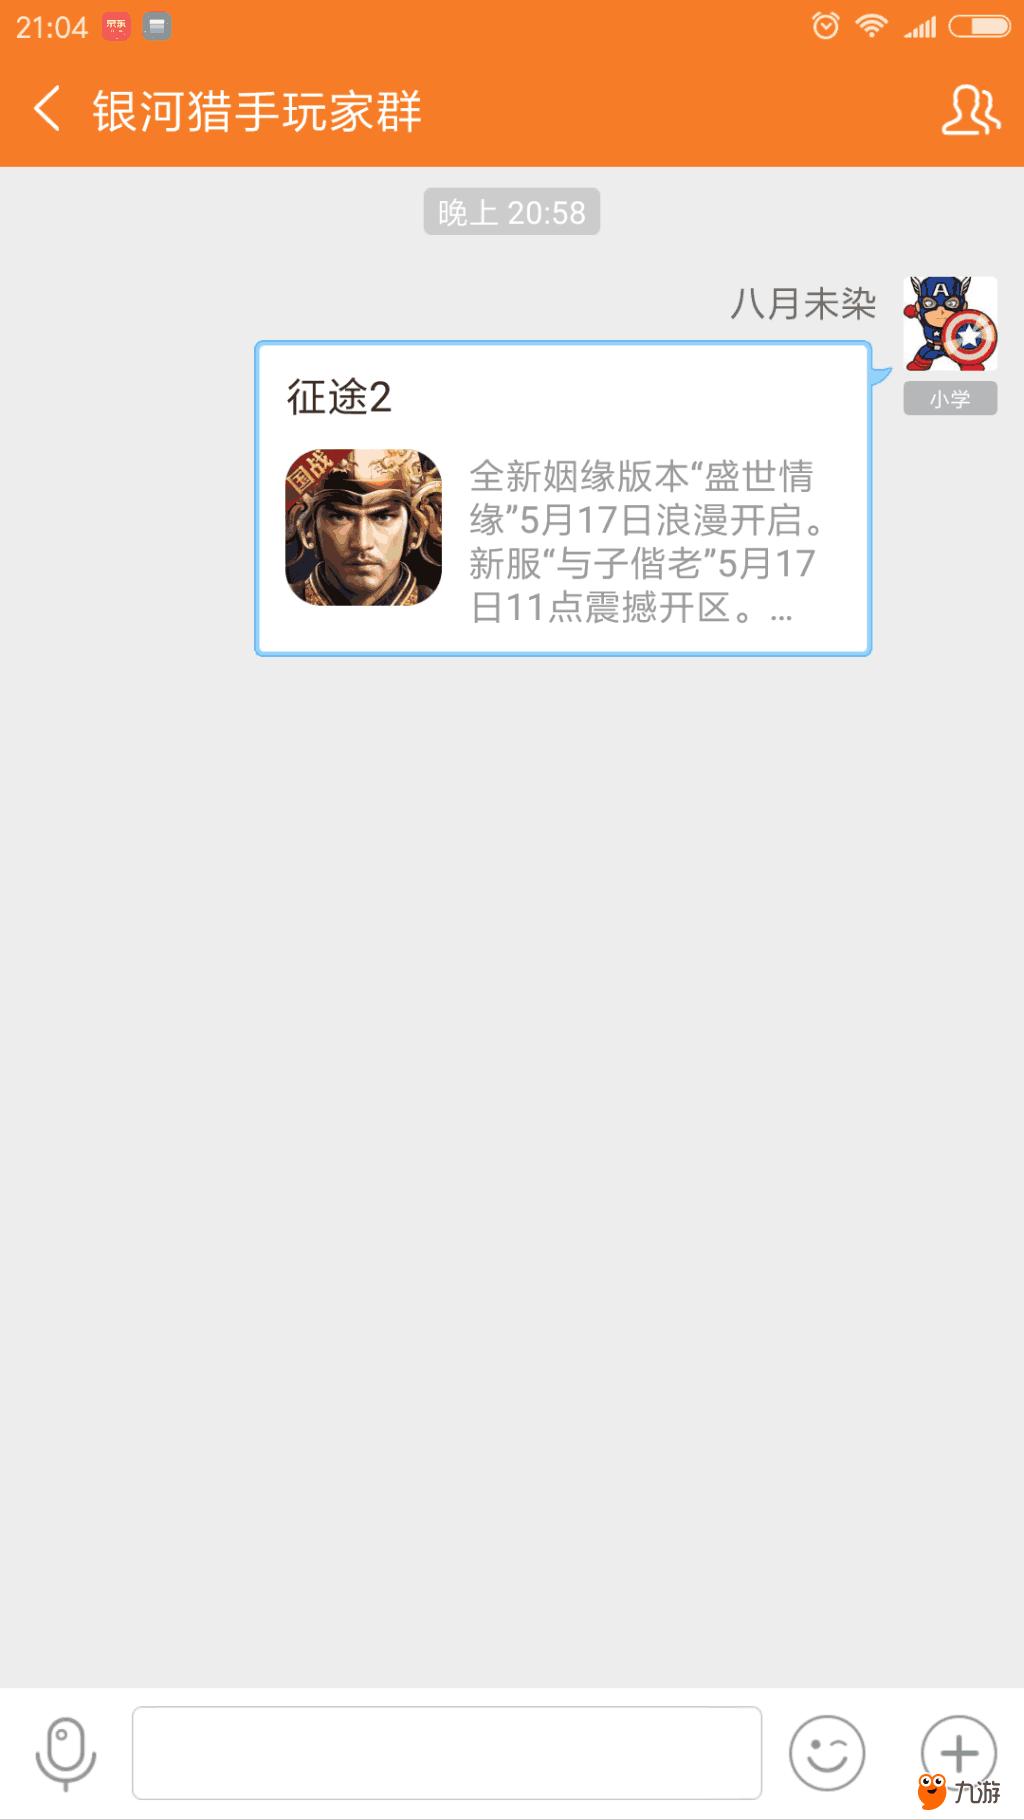 Screenshot_2018s06s14s21s04s26s713_cn.ninegame.ga.png